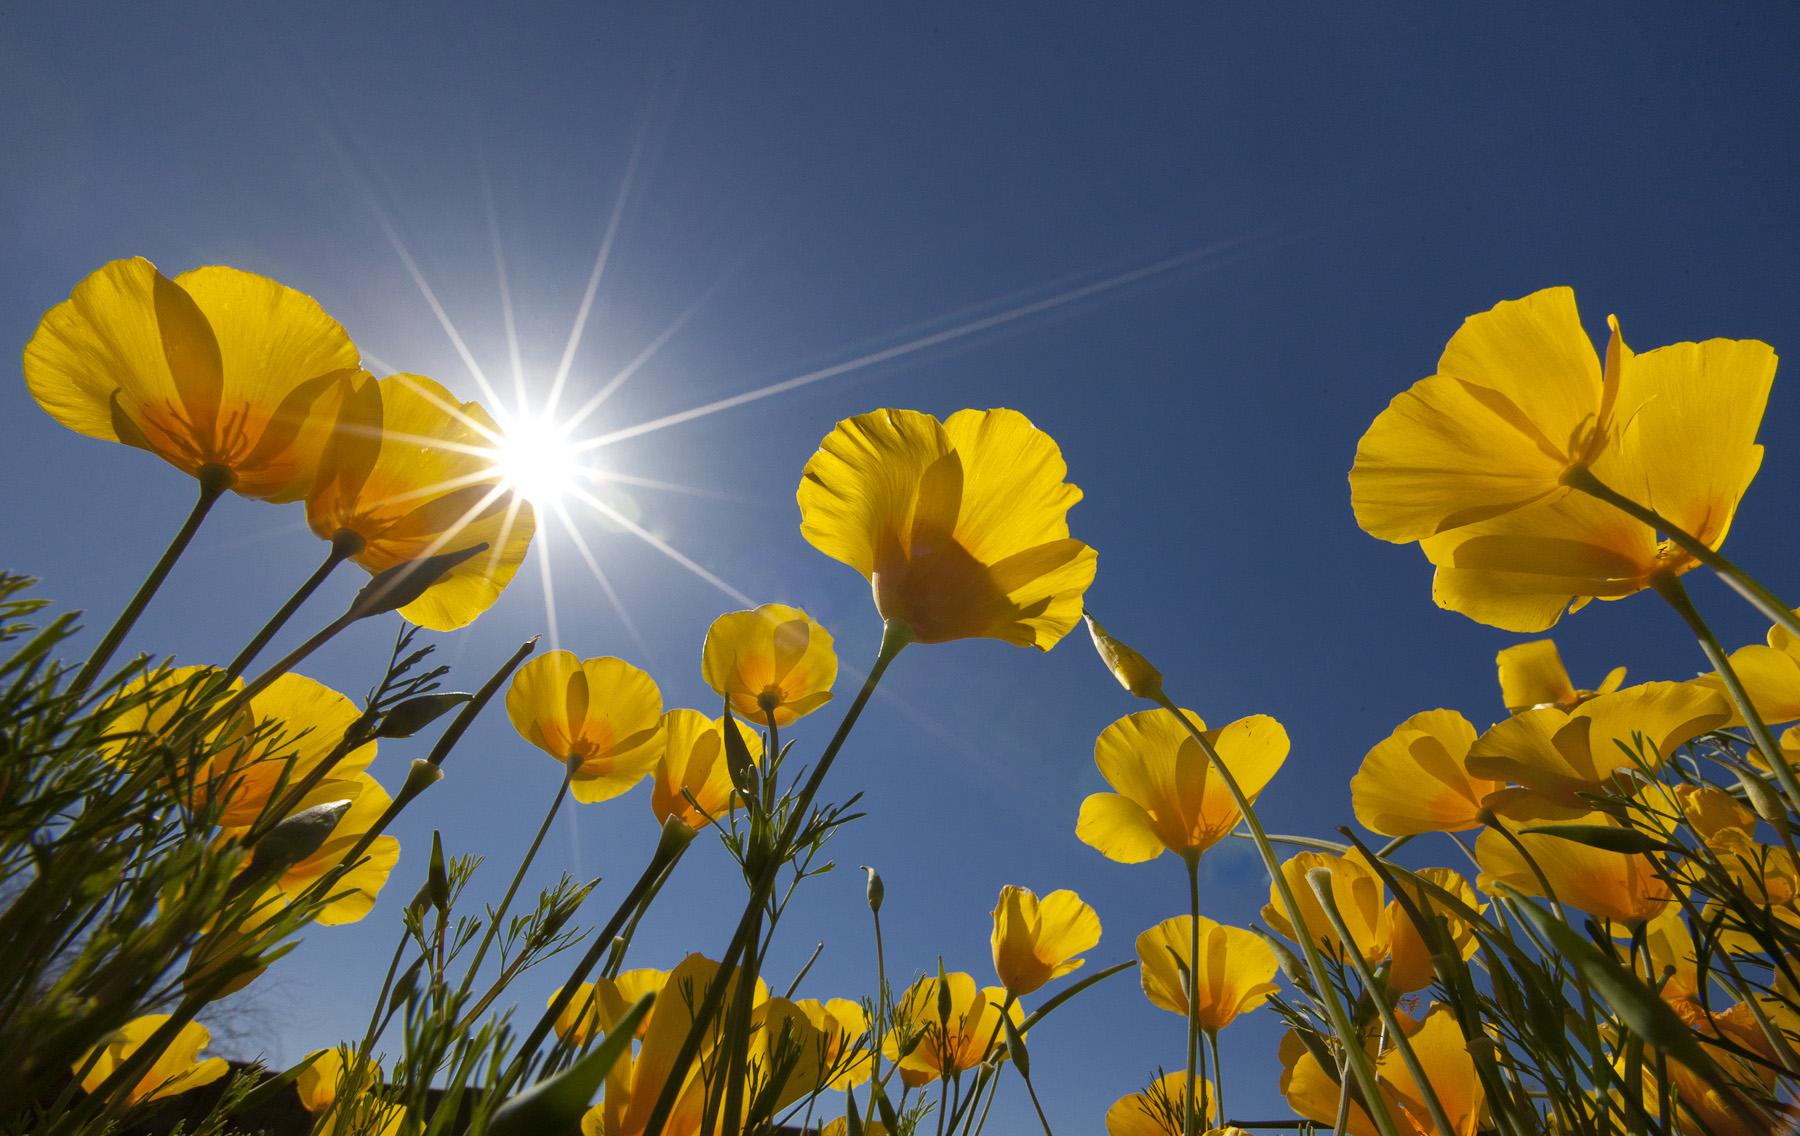 Wildflowers-Macro-19-2.Mar-13-2012-3